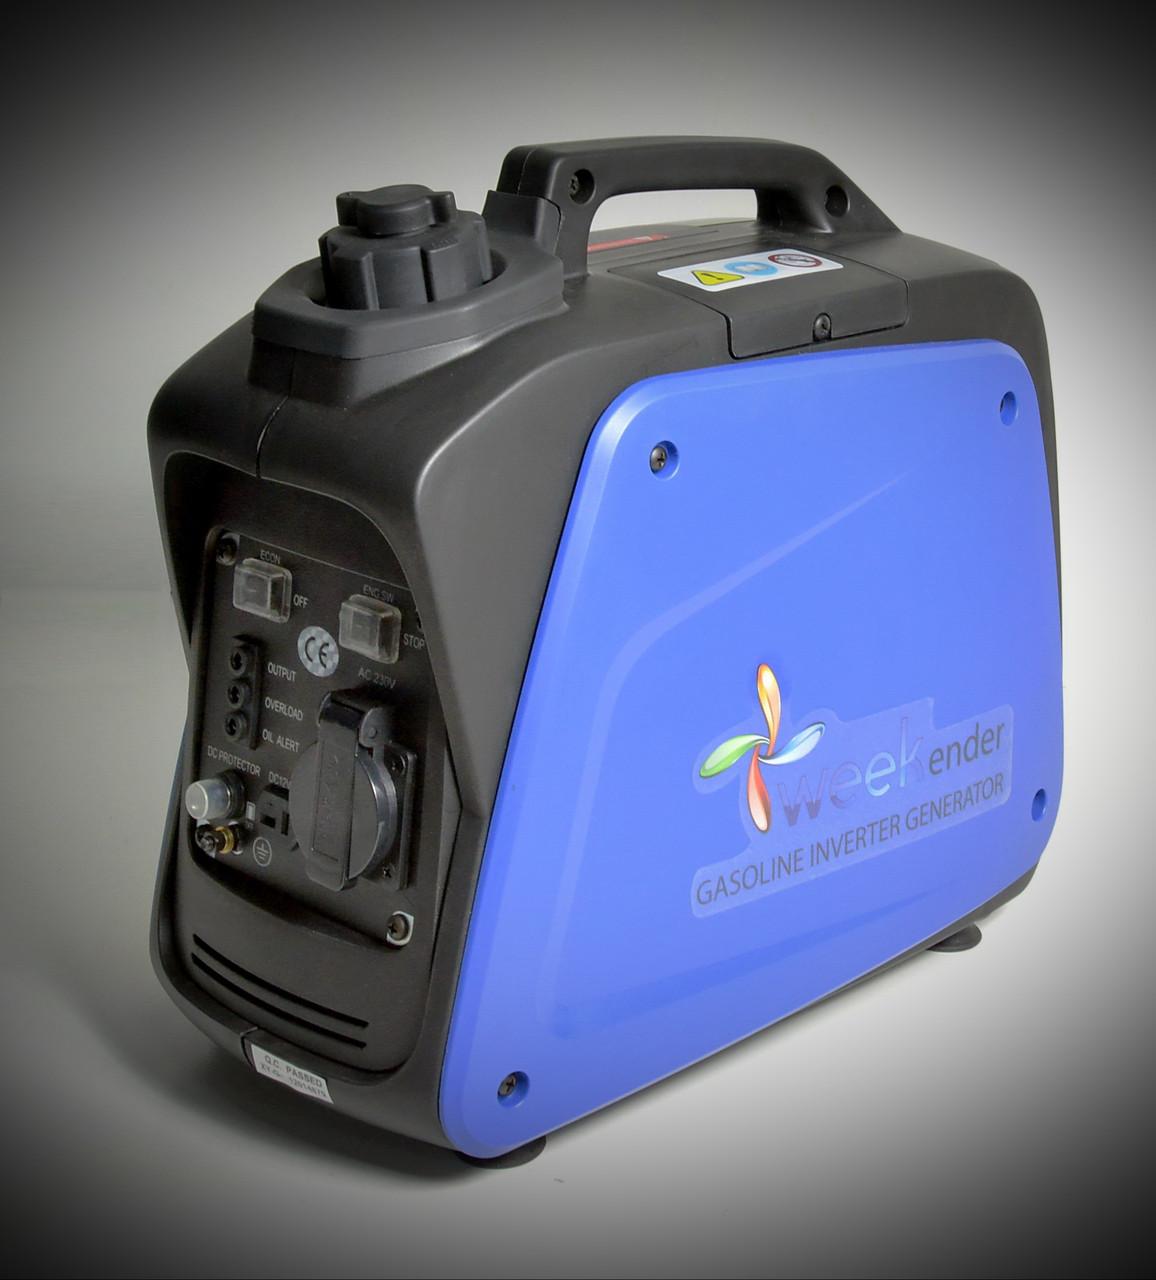 Генератор-инвертор Weekender 0,8 кВт X950I